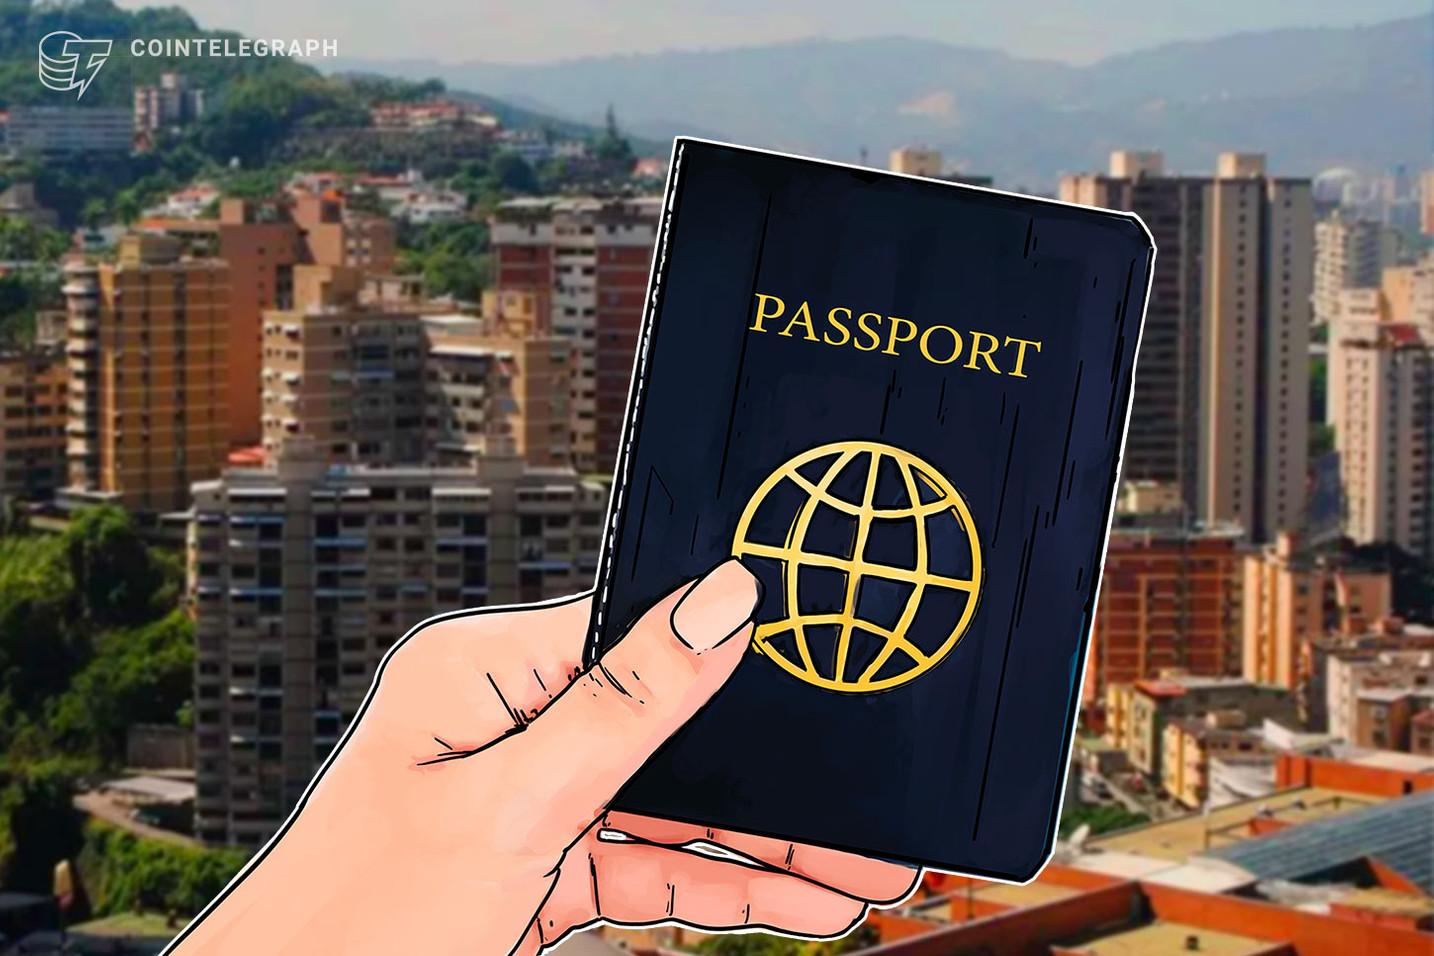 Venecuela, naknade za izdavanje pasoša moraju biti plaćene u kontroverznoj kriptovaluti petro